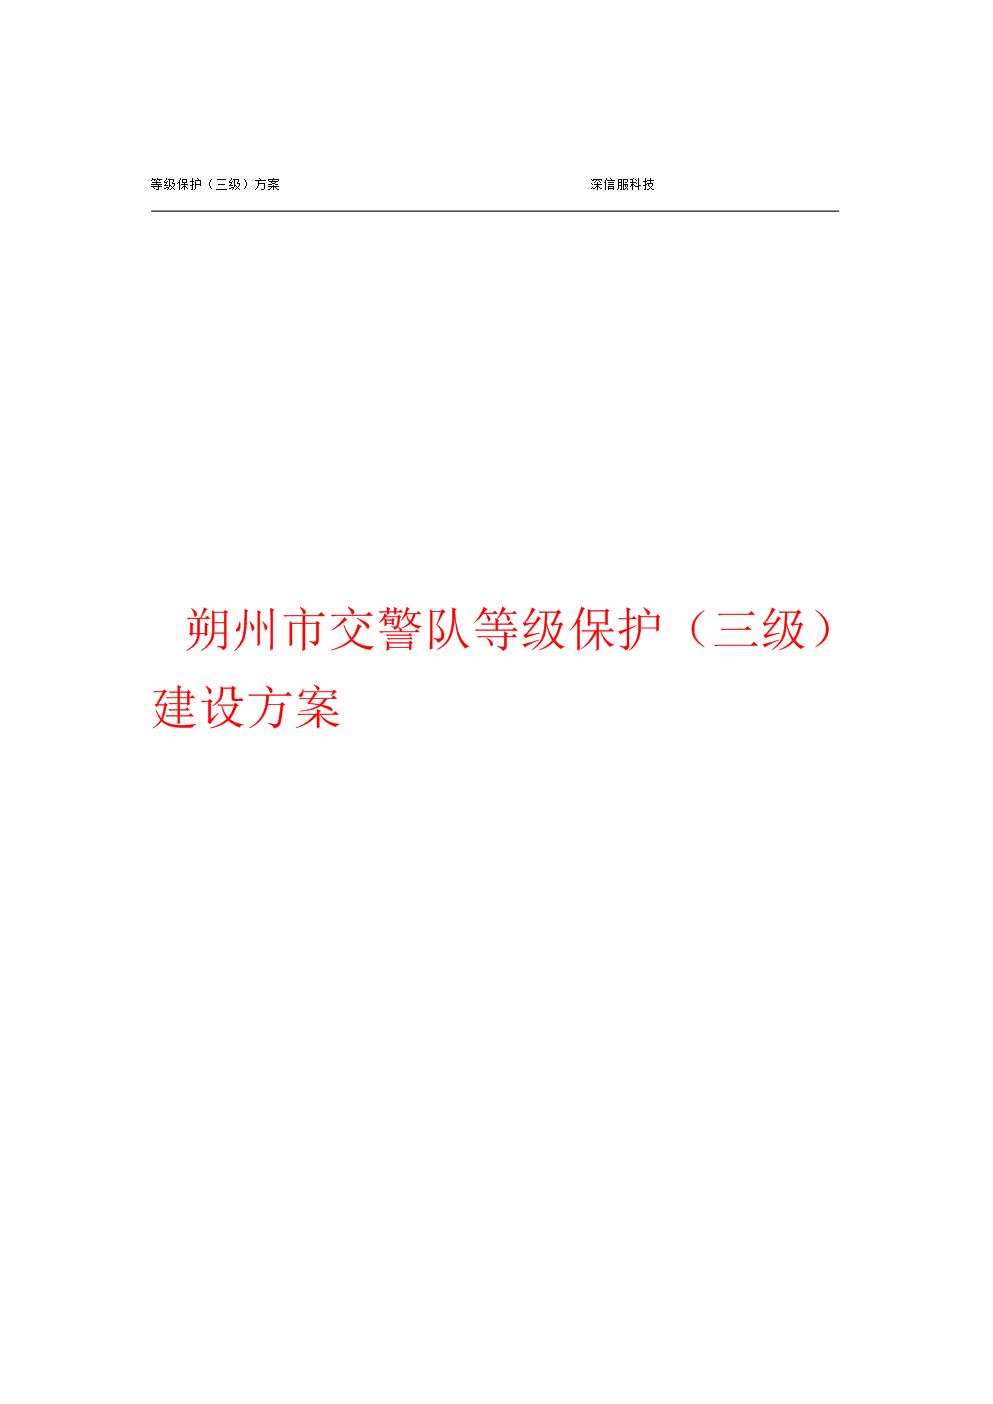 完整word版深信服等级保护三级建设方案.doc